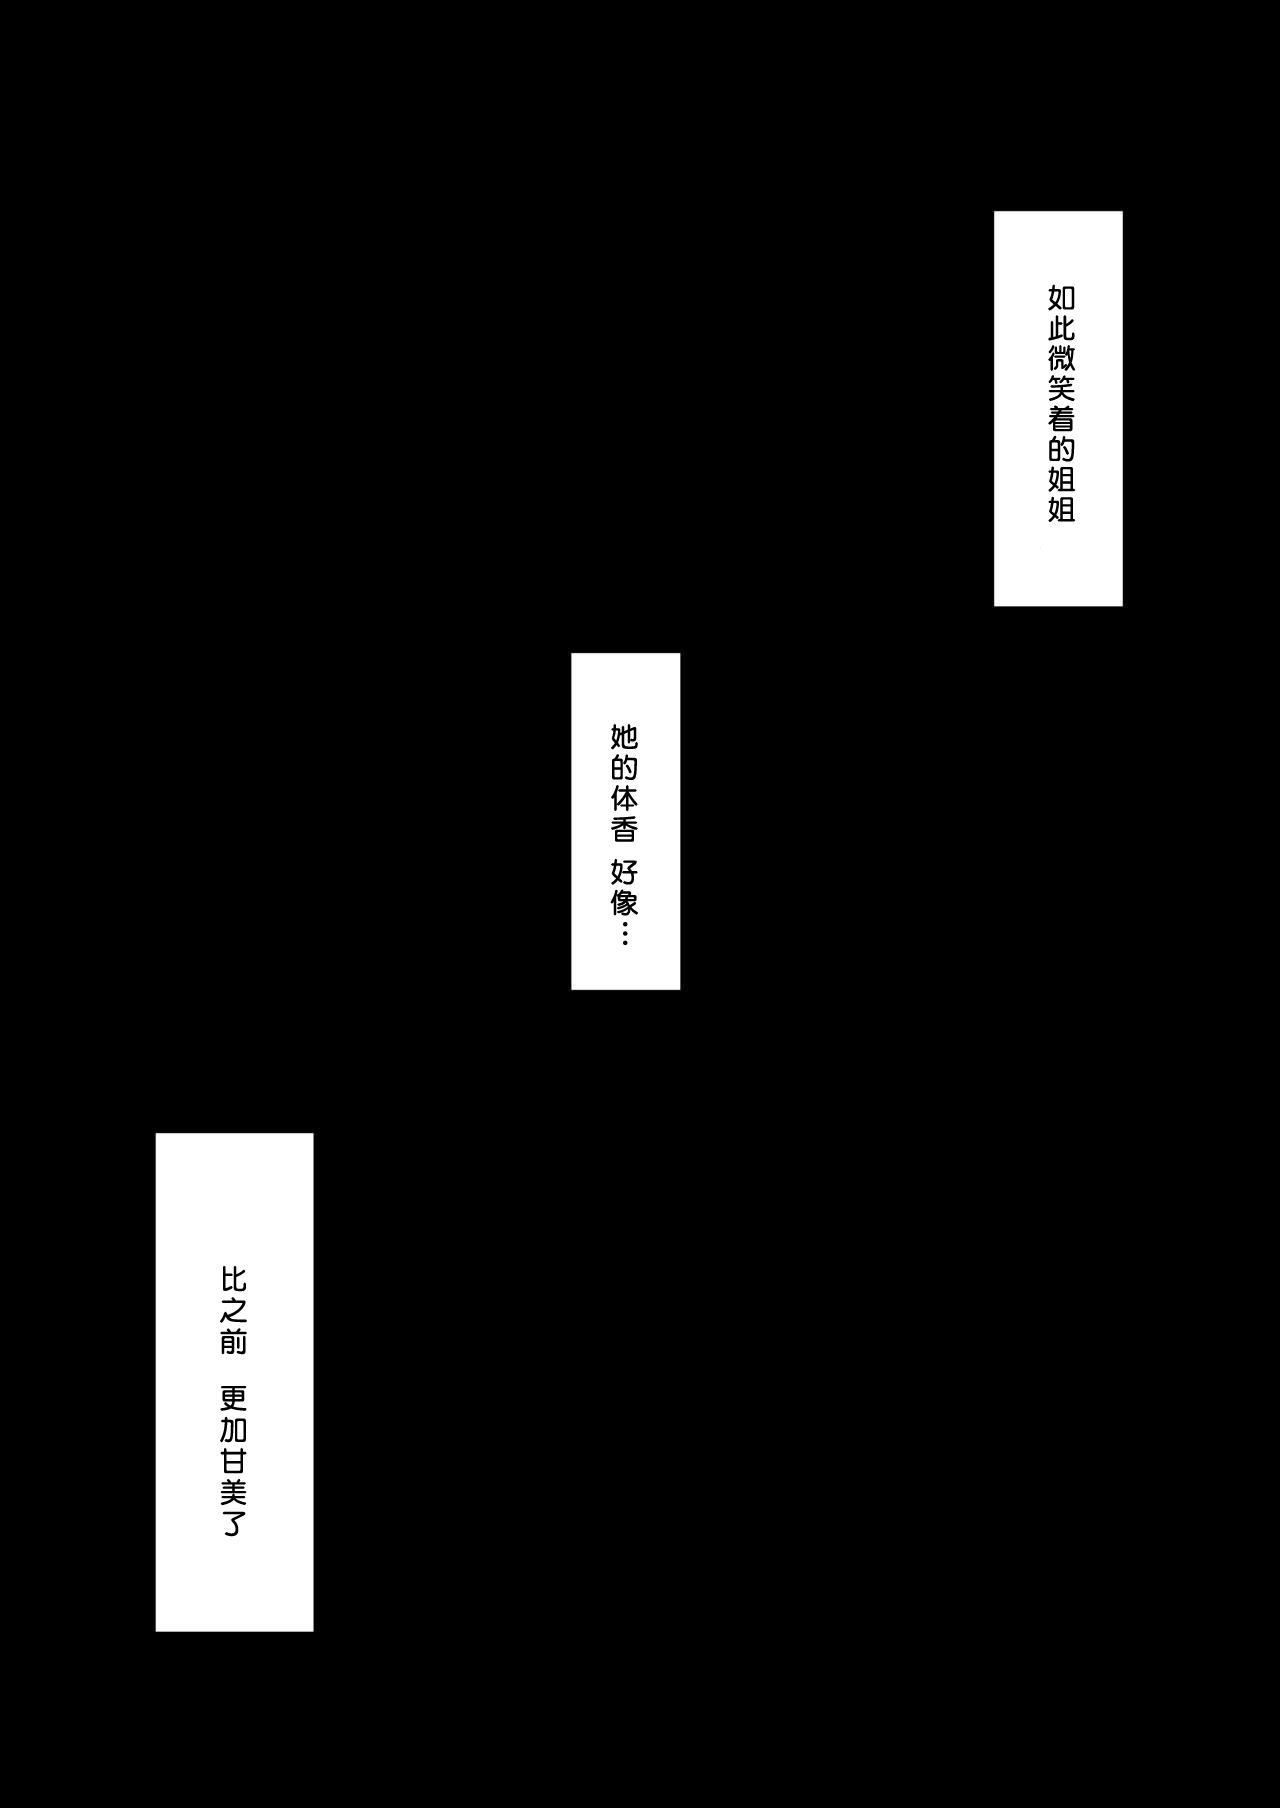 Seitsuu Shasei Kanri Ue no Kai no Joshidaisei Onee-san 26